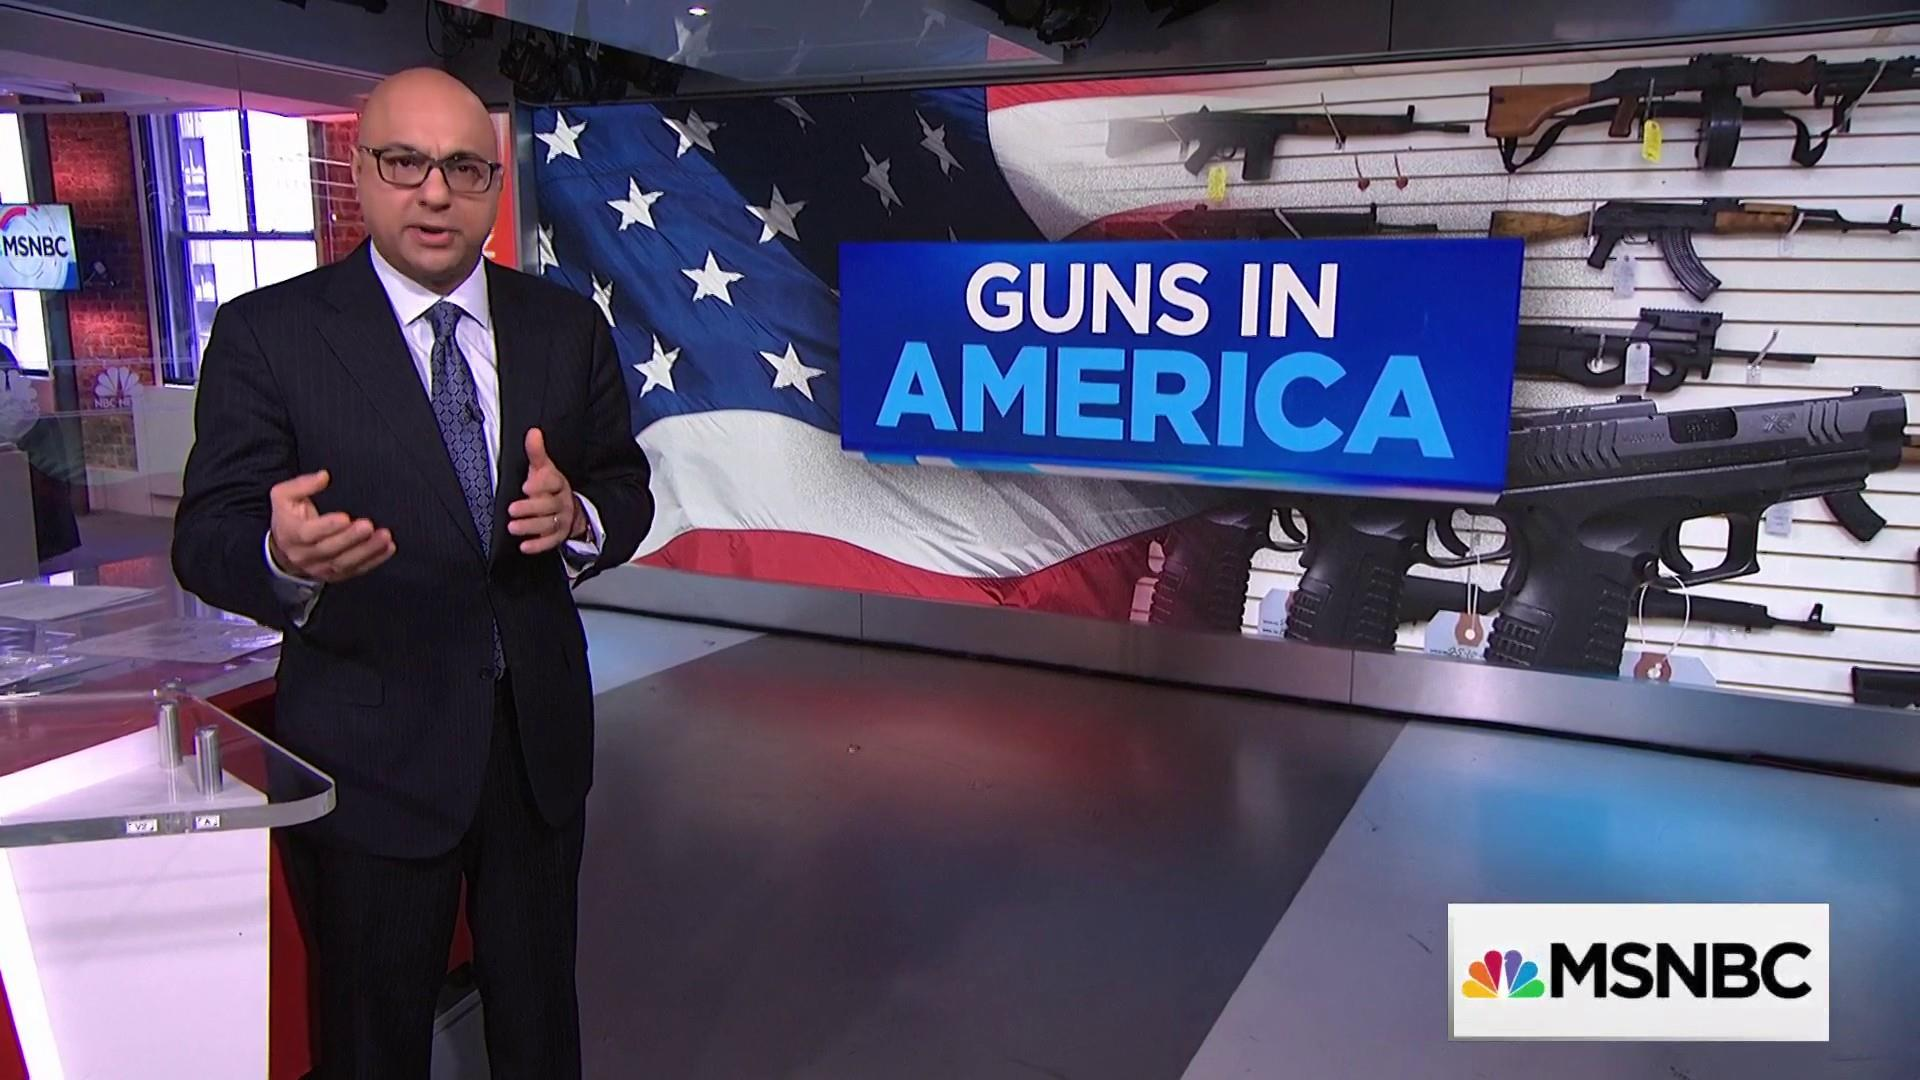 A closer look at Gun culture in America